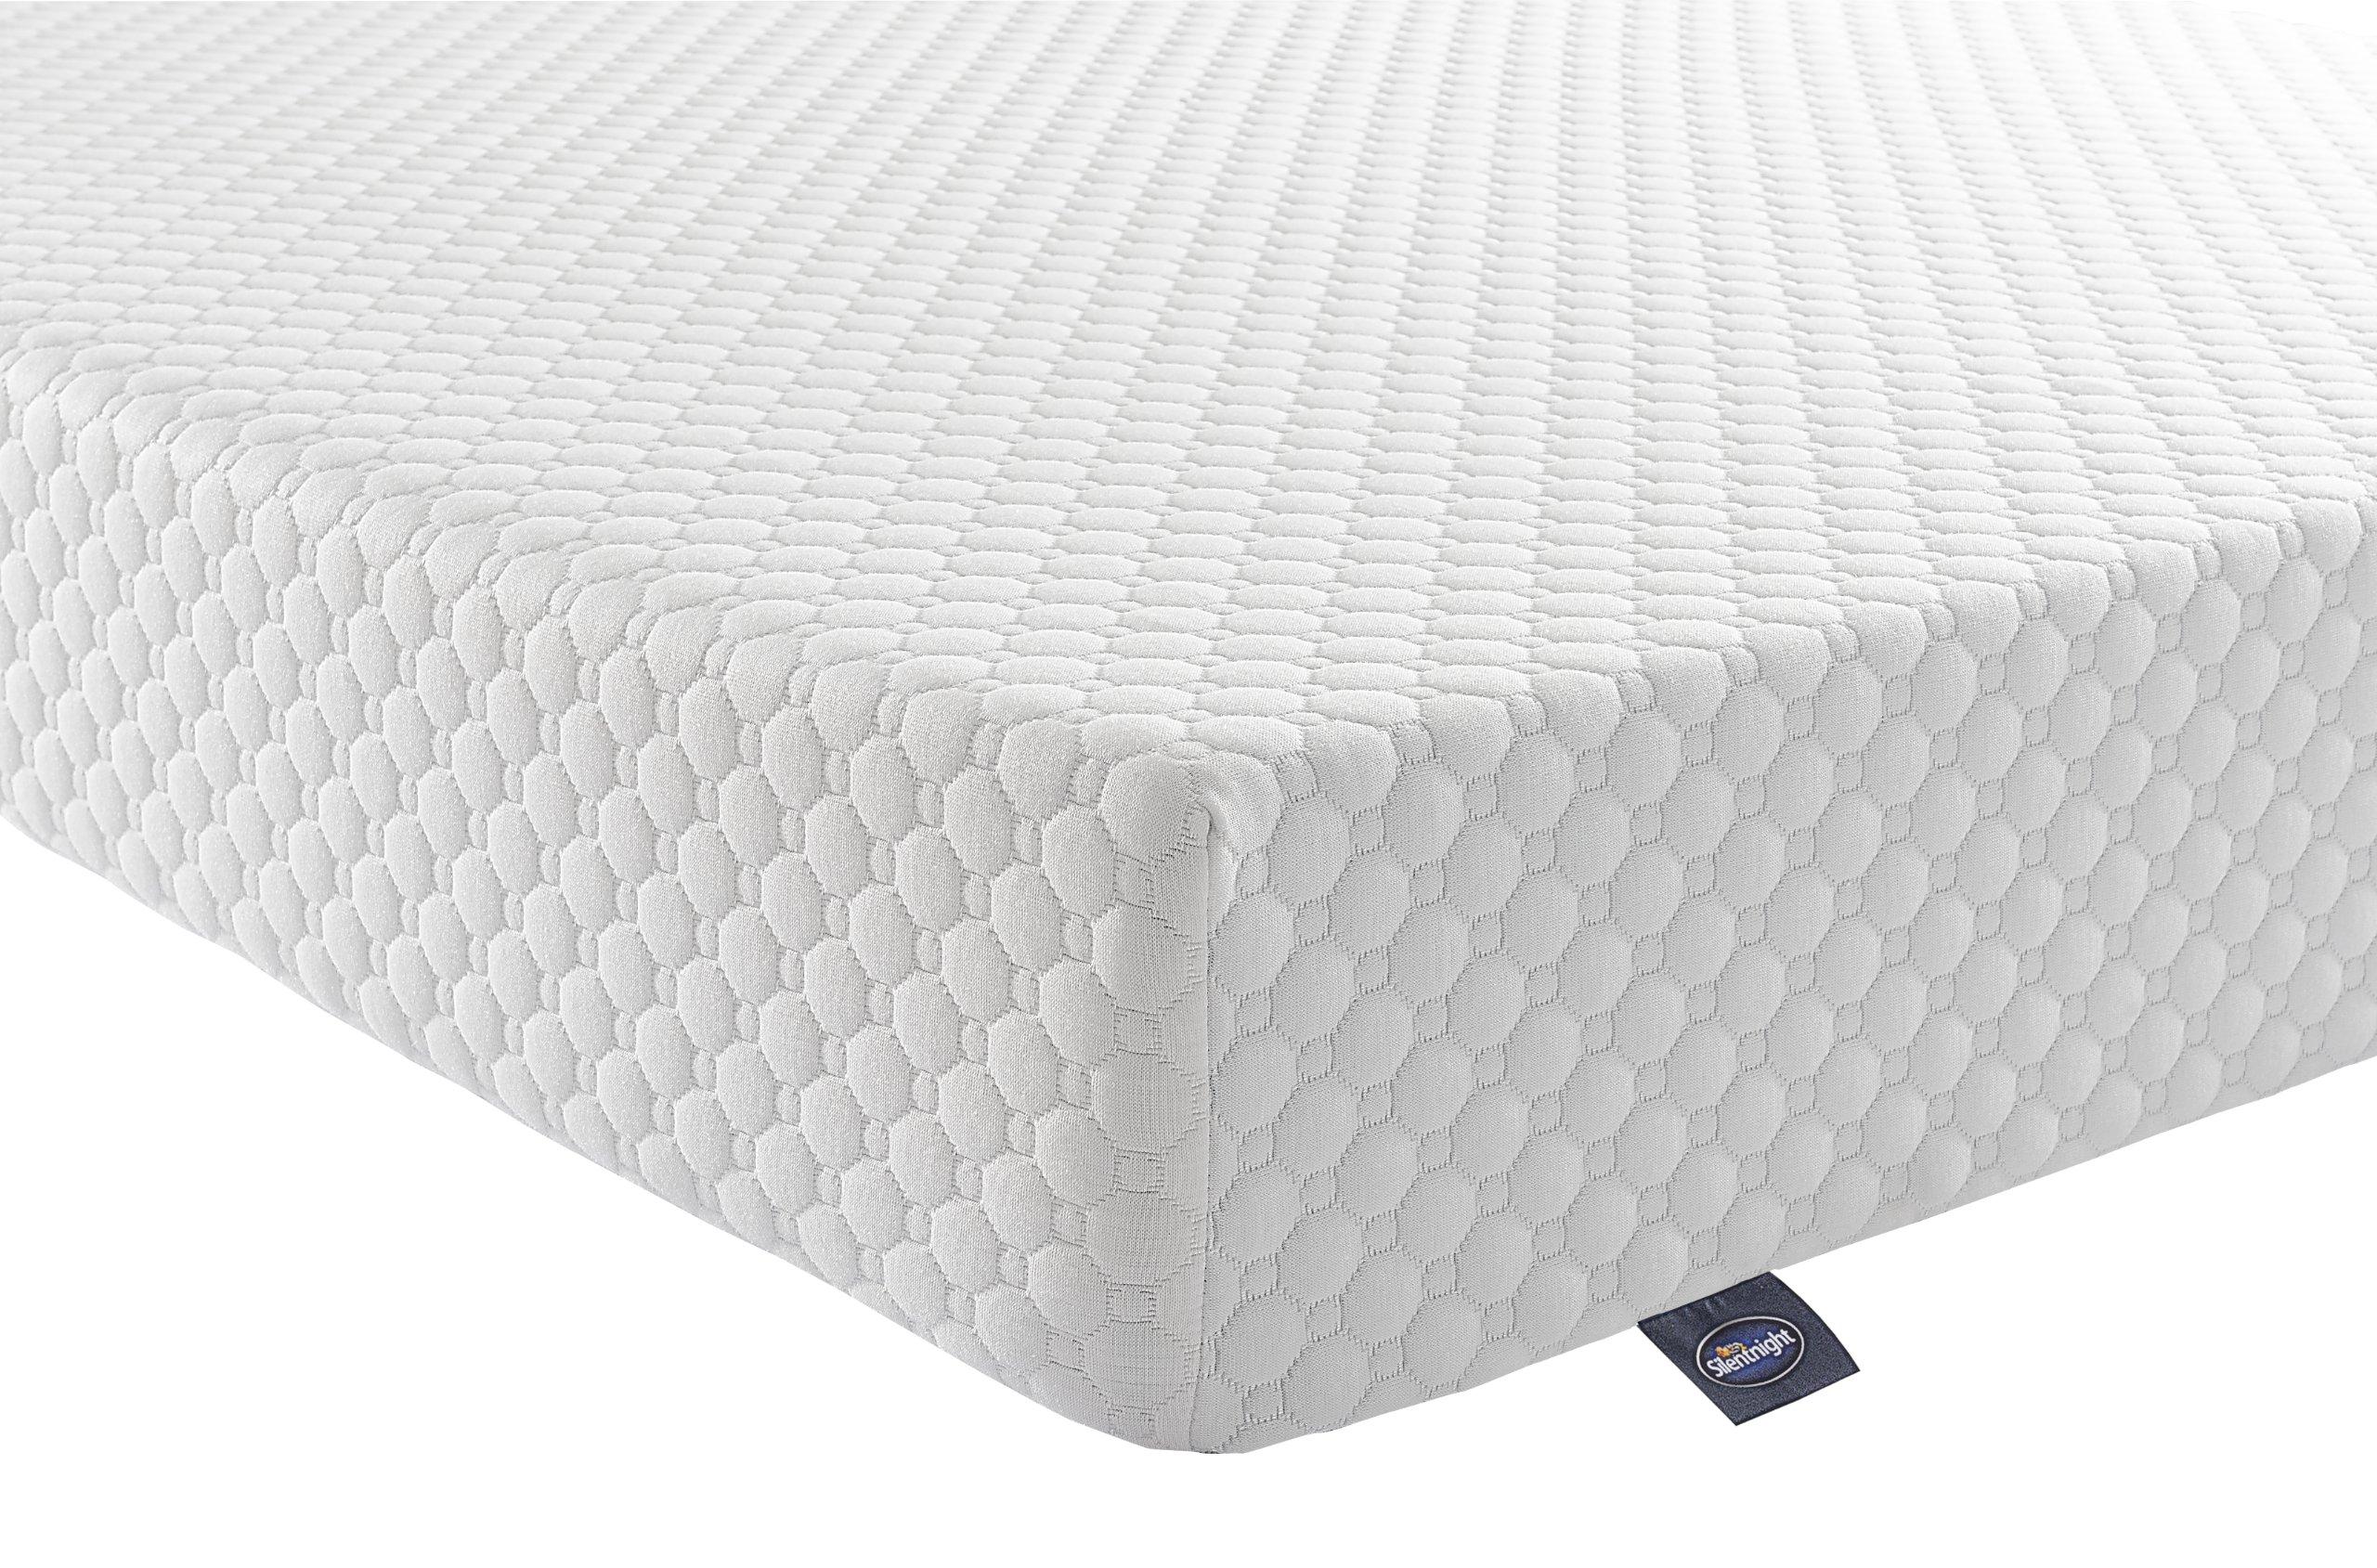 Silentnight 7 Zone Memory Foam Mattress Double Ebay